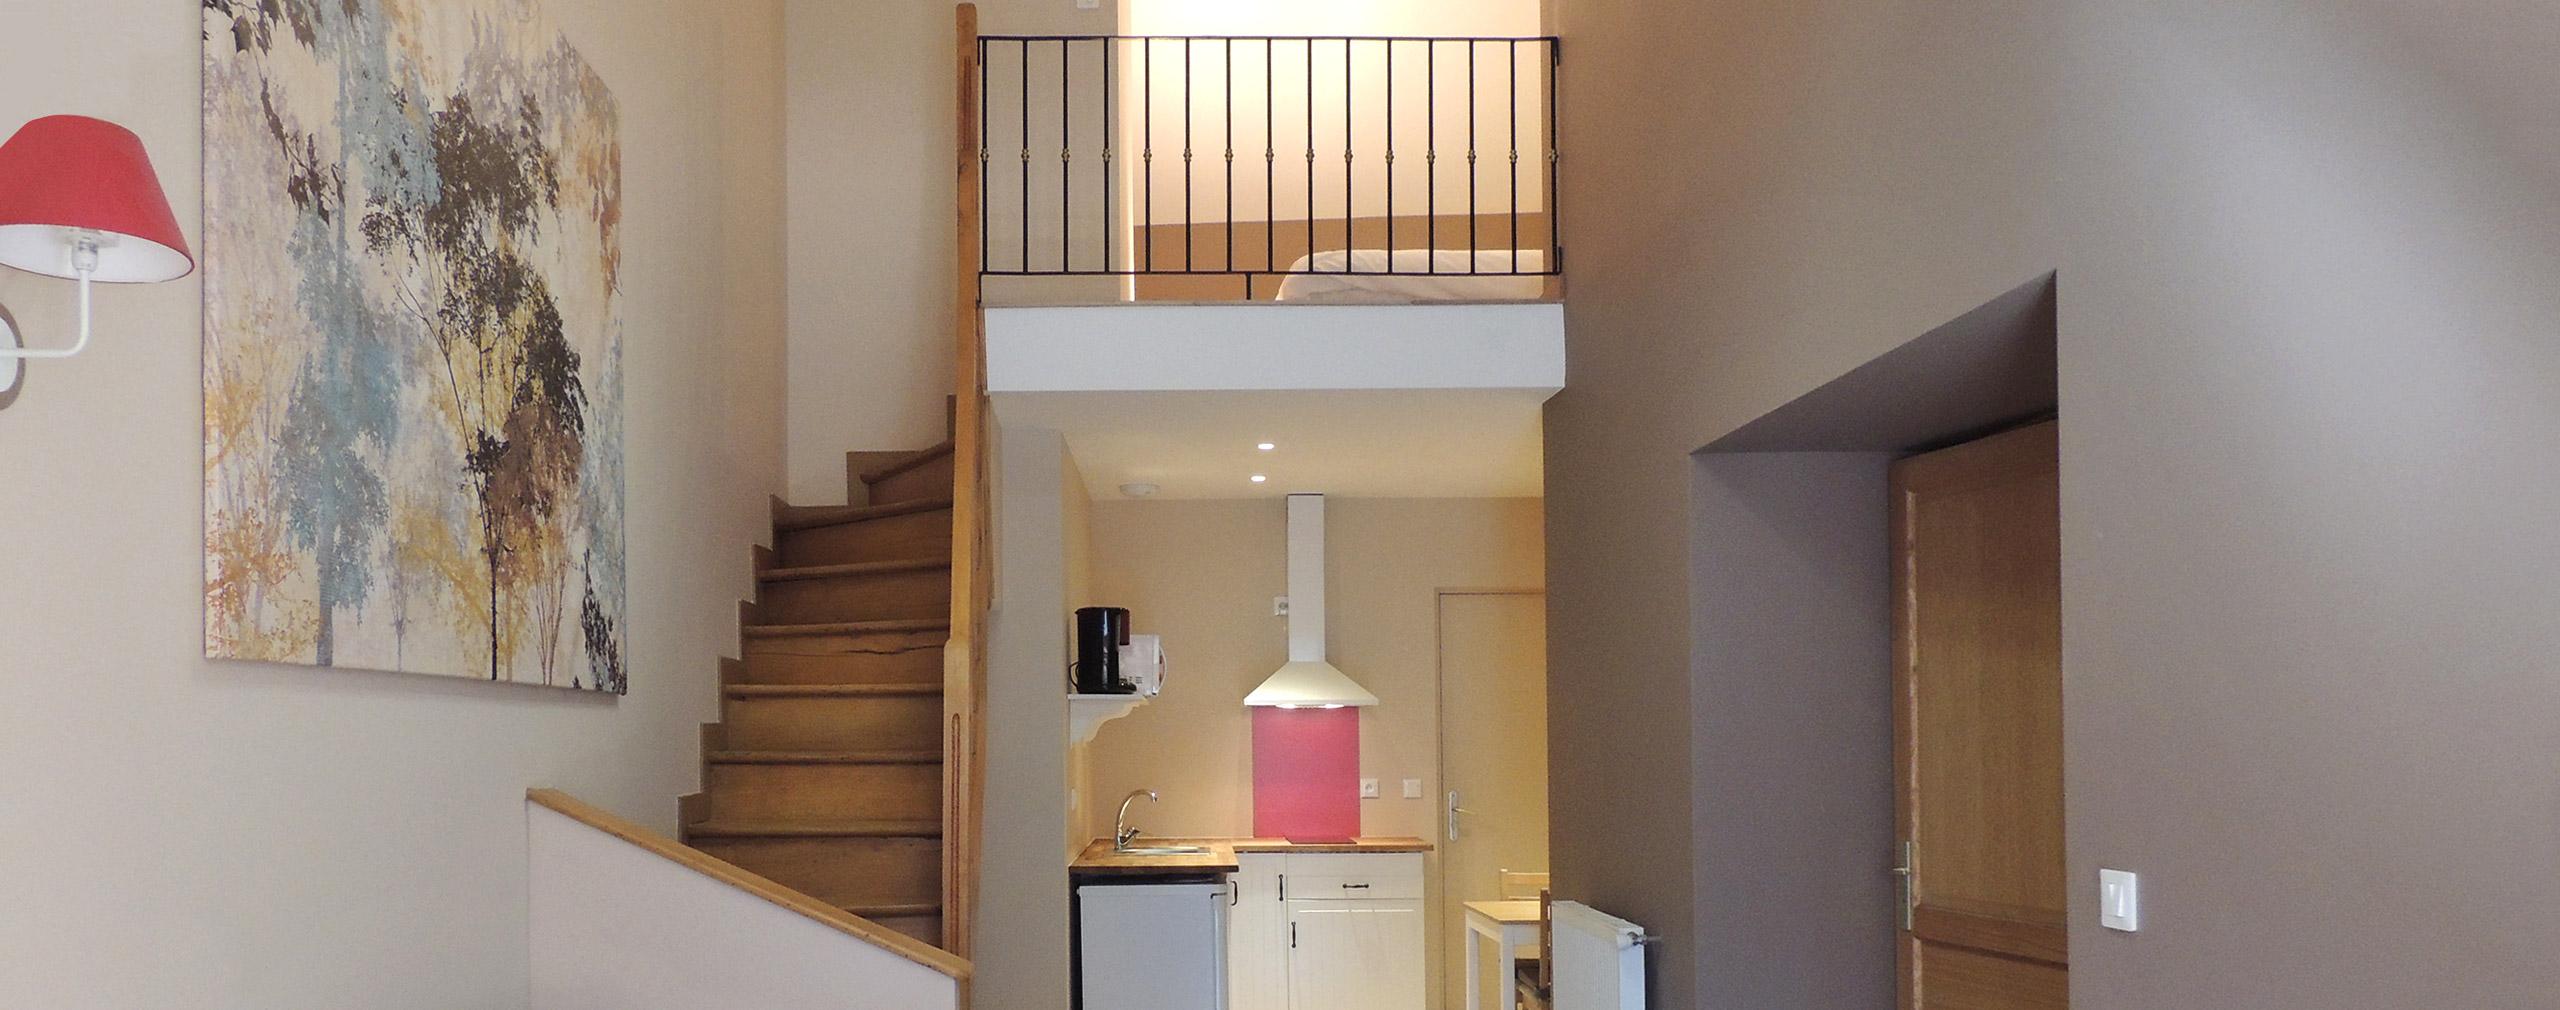 suite duplex avec coin cuisine dans notre h tel bourg d 39 oisans. Black Bedroom Furniture Sets. Home Design Ideas